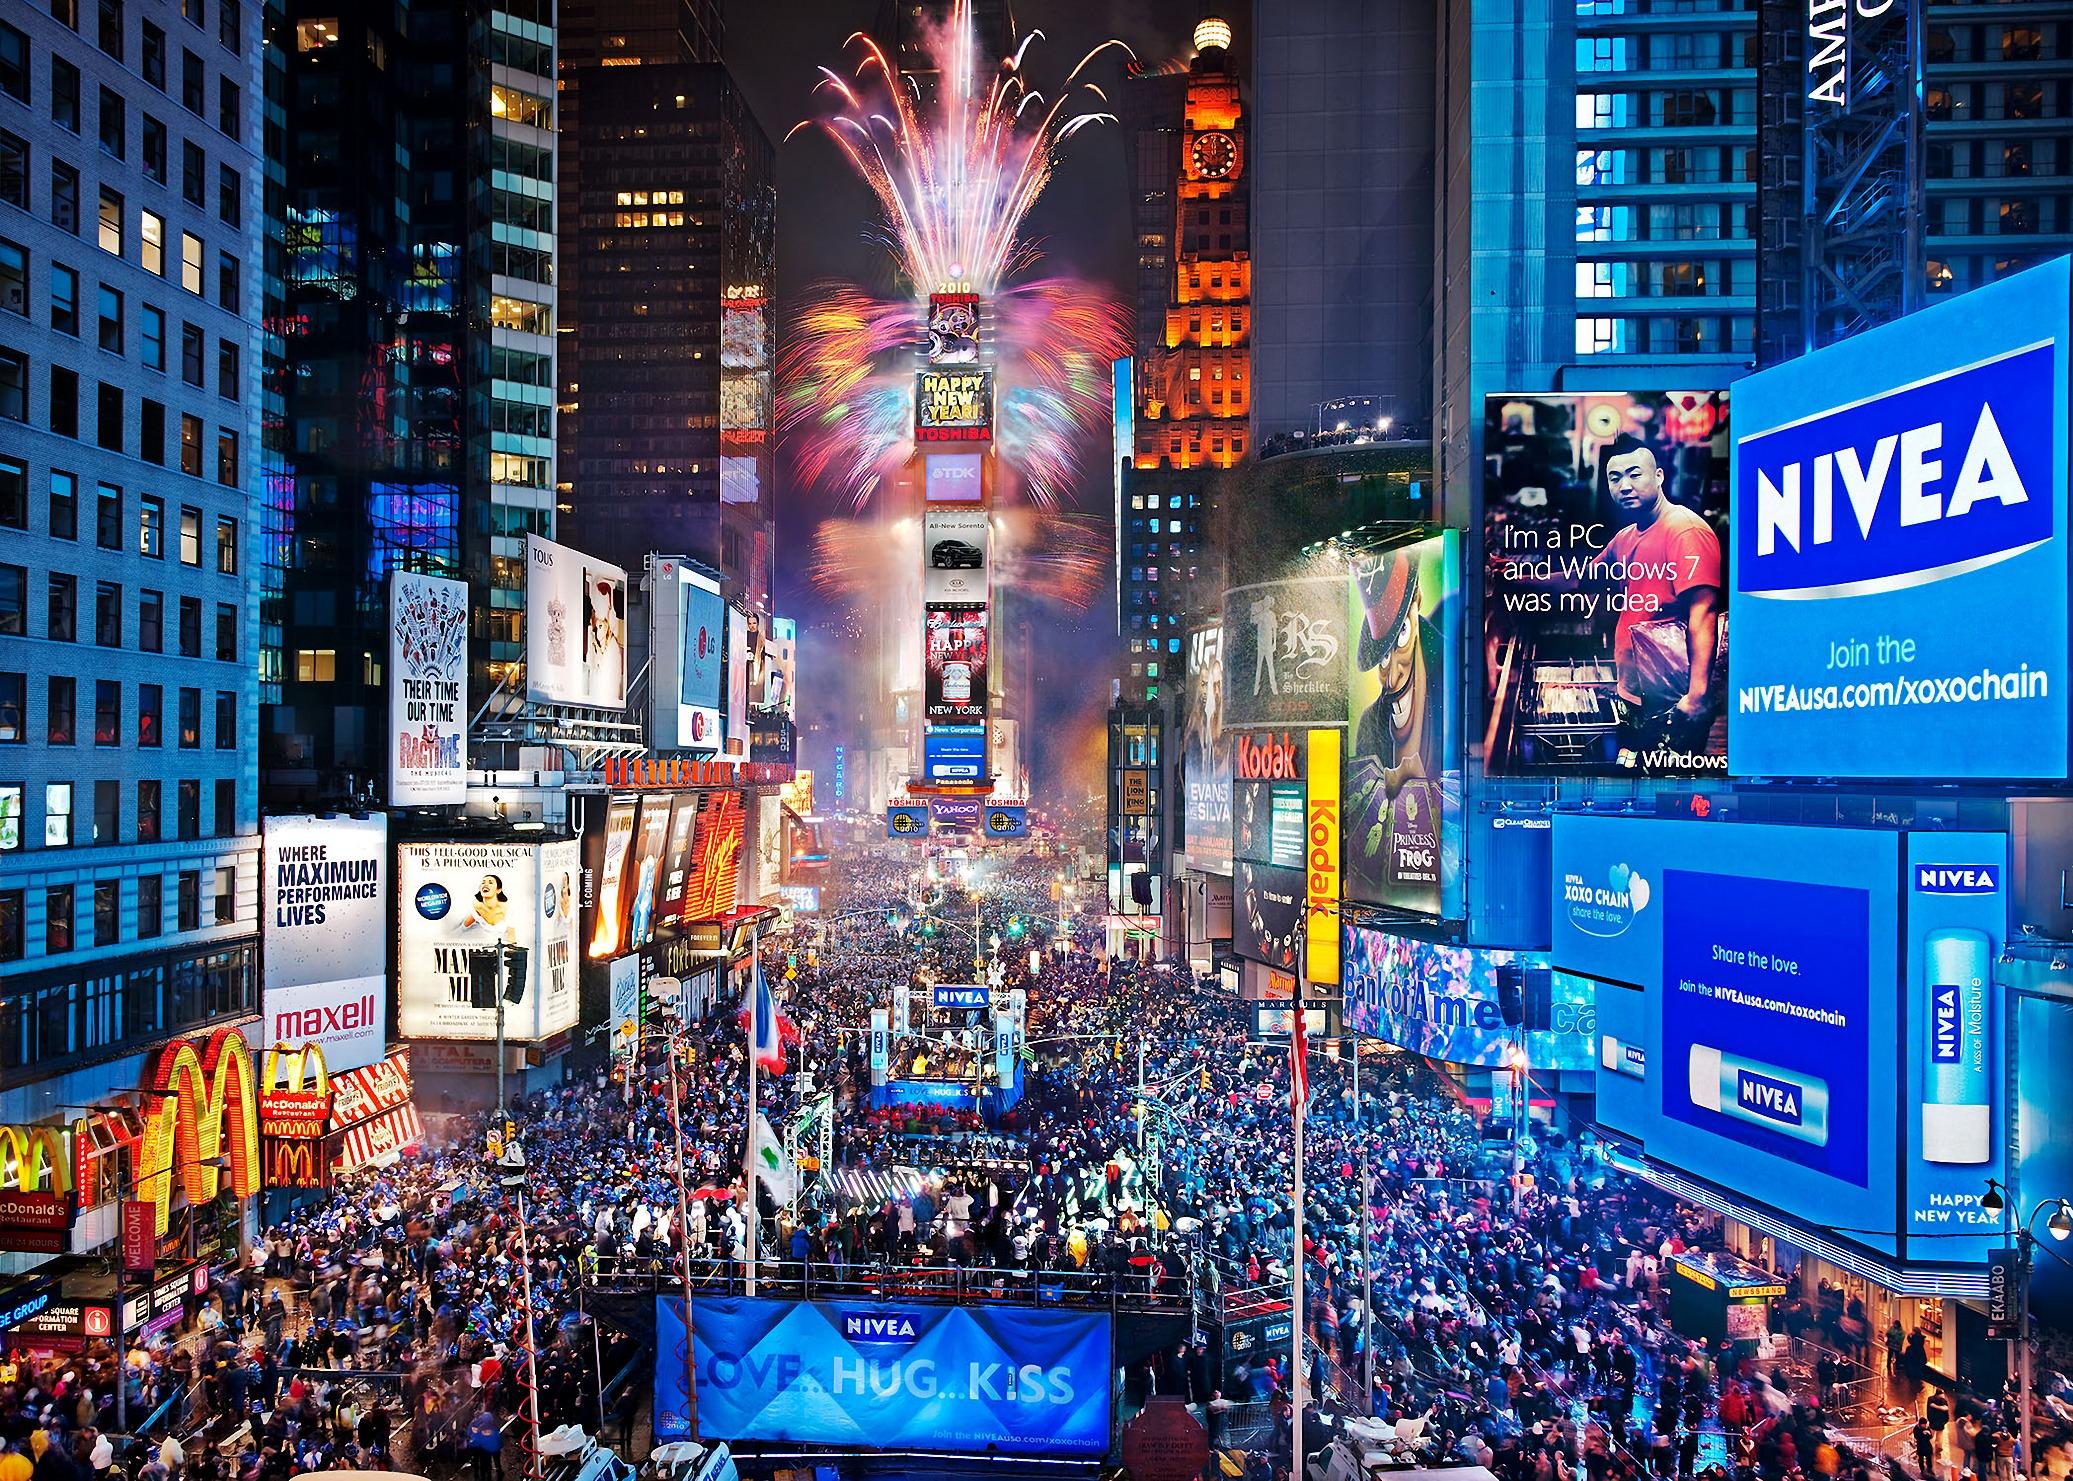 Ambiente en Time Square en Fin de Año